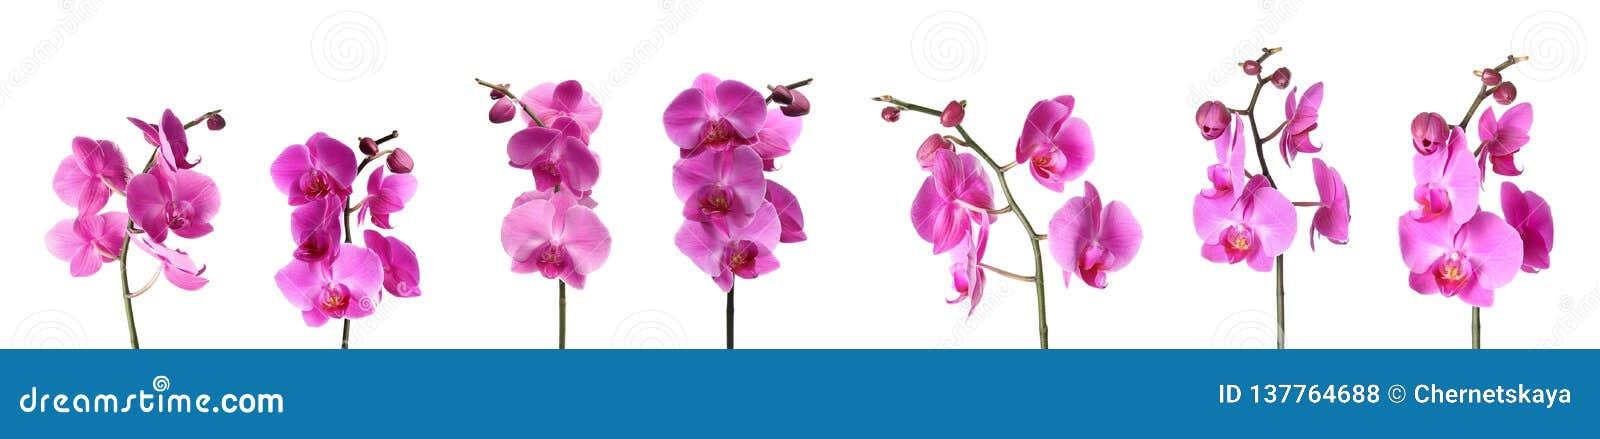 设置美丽的紫色兰花兰花植物花